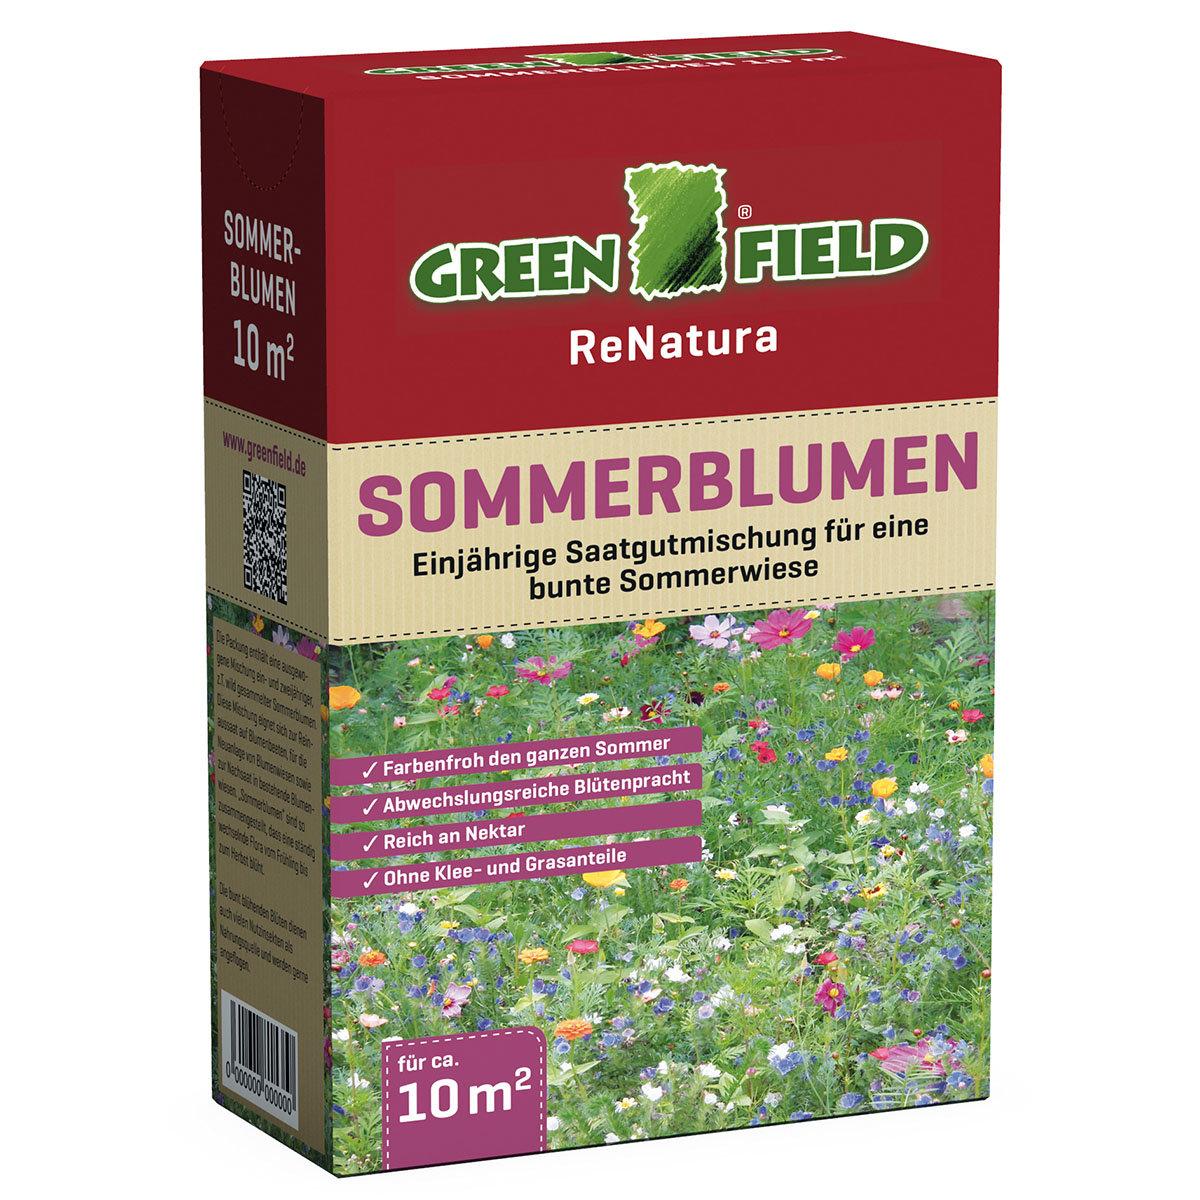 Greenfield Sommerblumensamen, 250 g